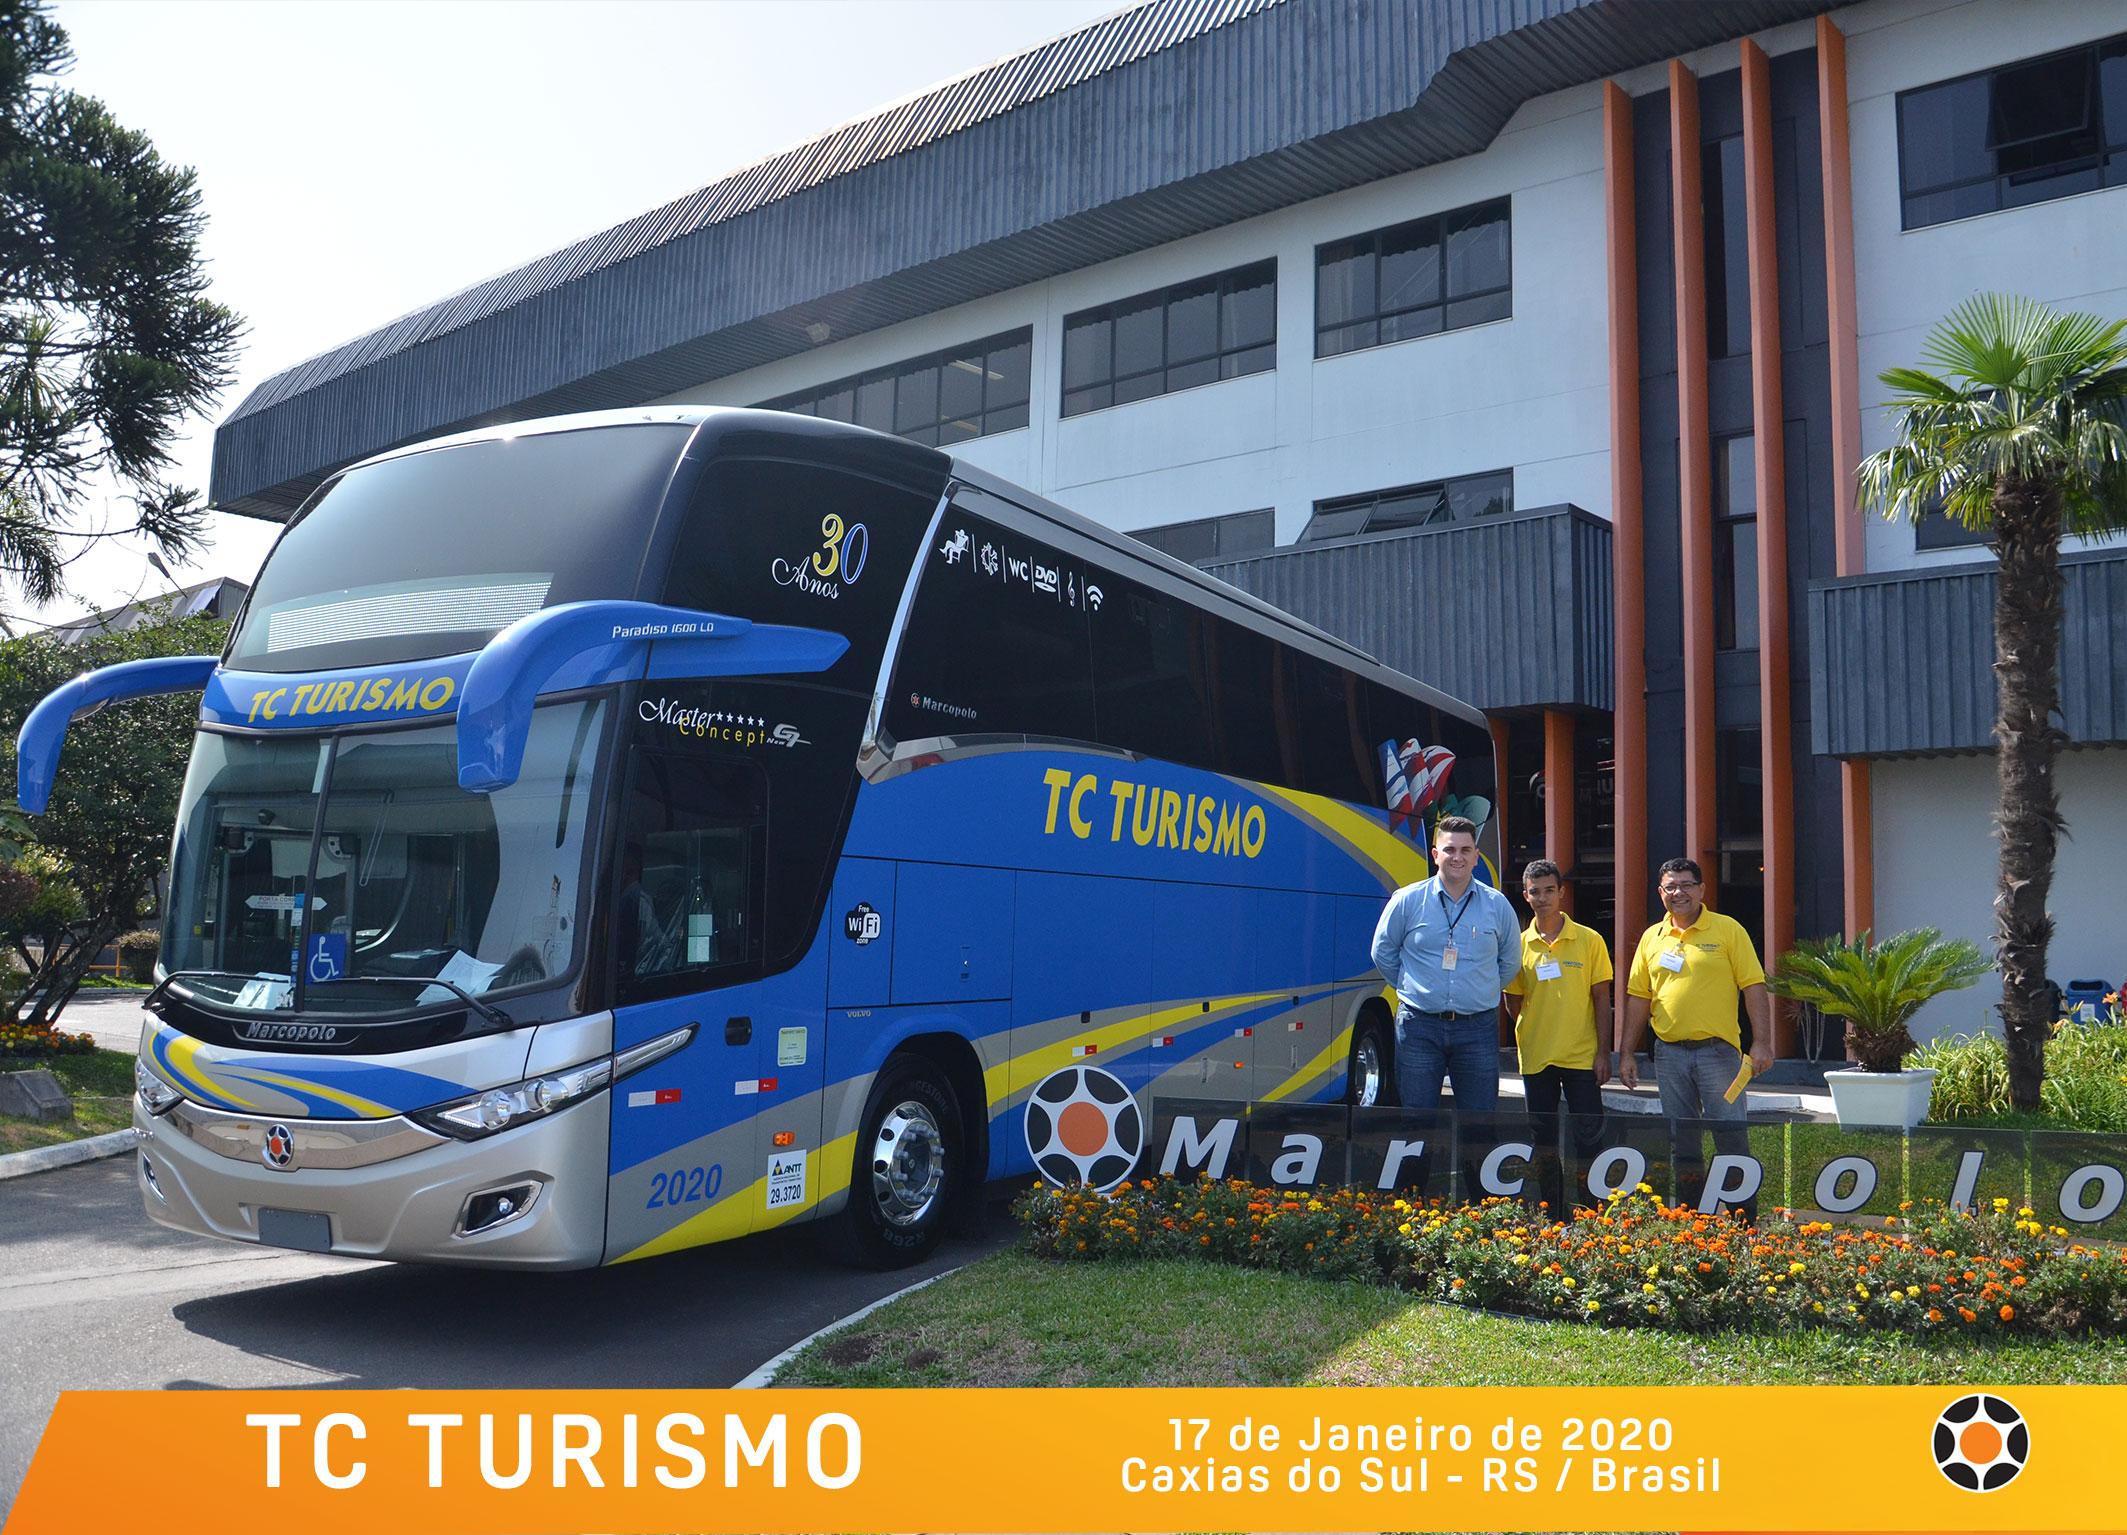 TC-TURISMO